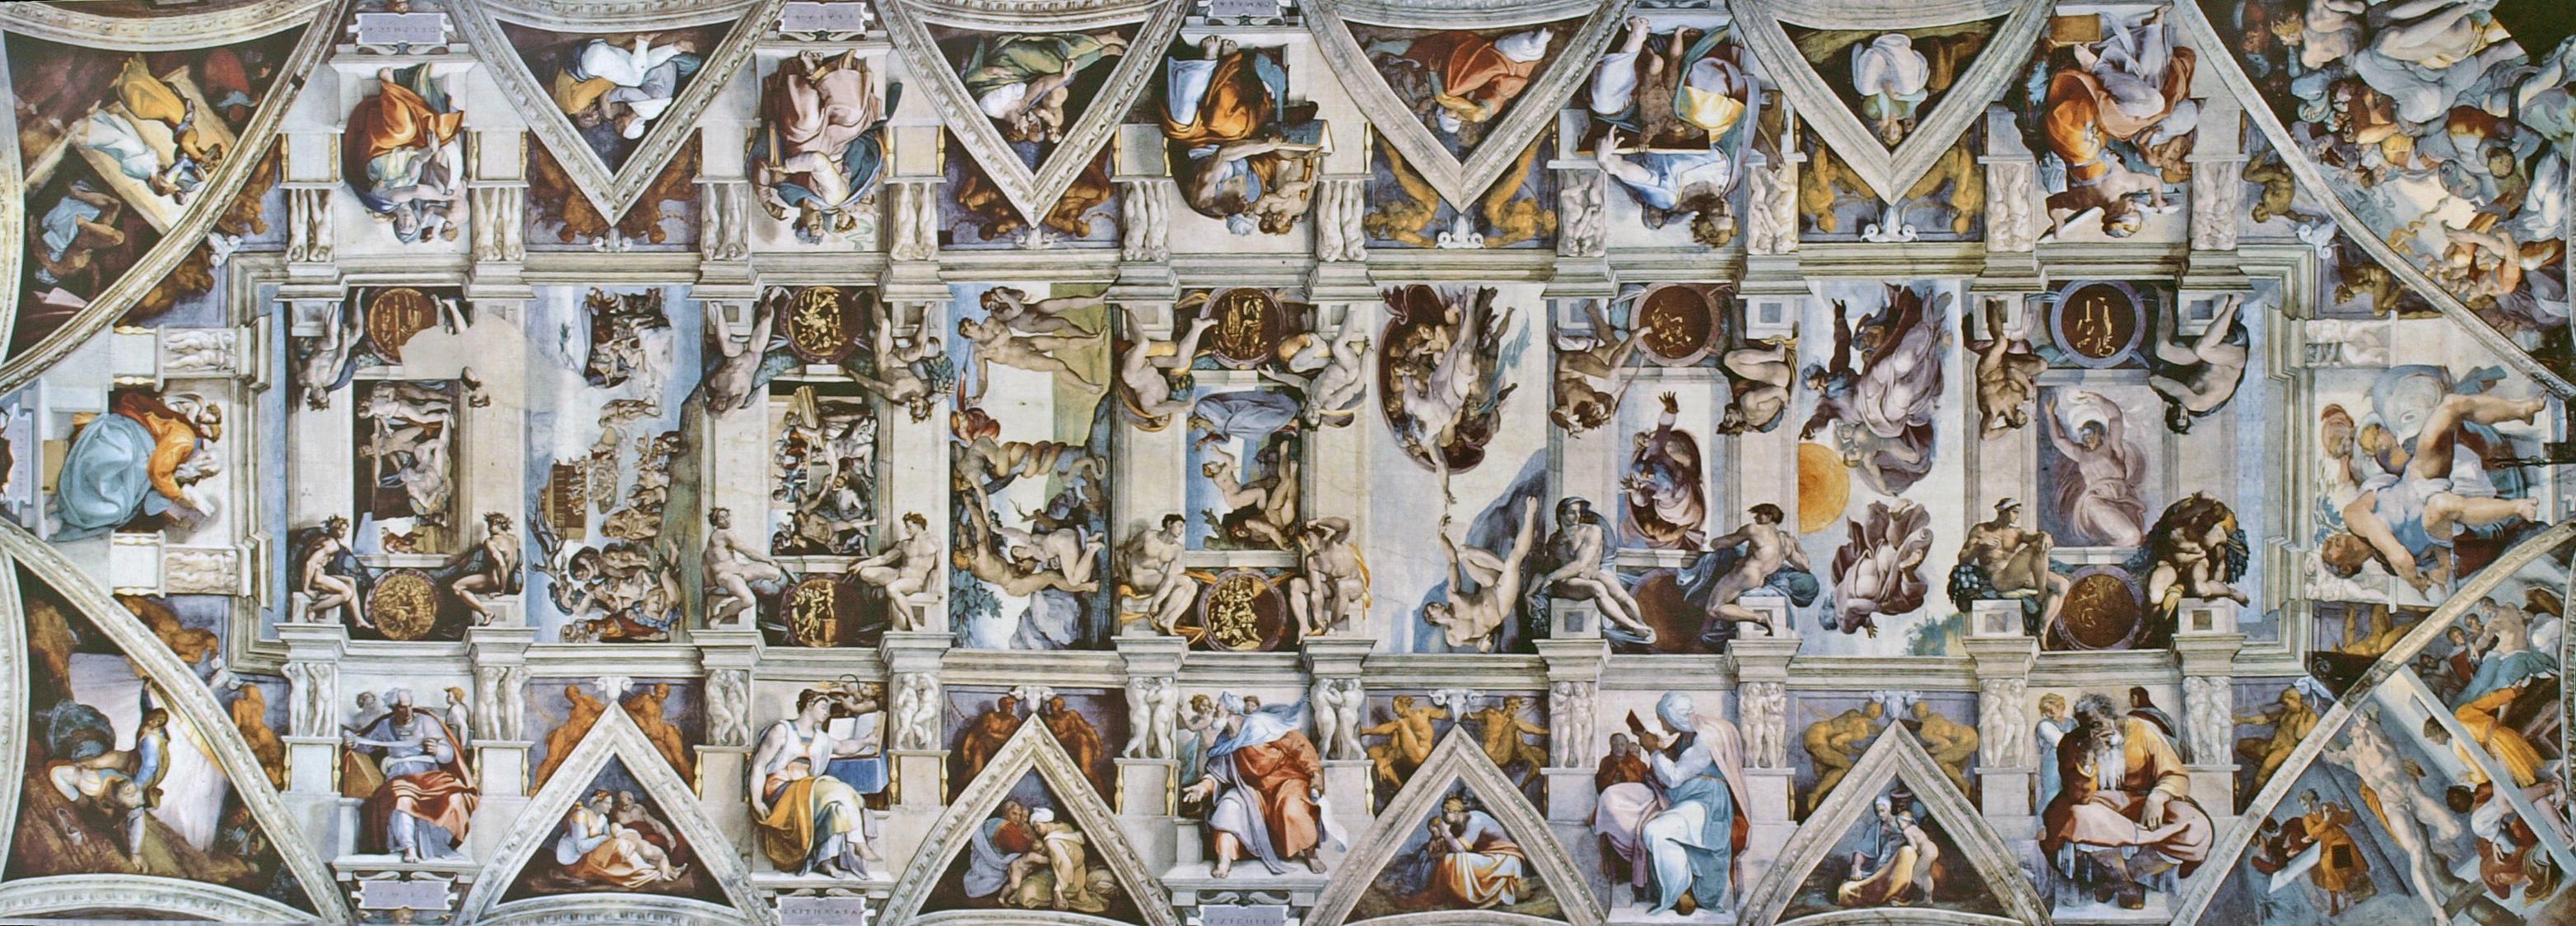 Sistine Chapel Office Ceiling Jesse Rubenfeld Illustrations